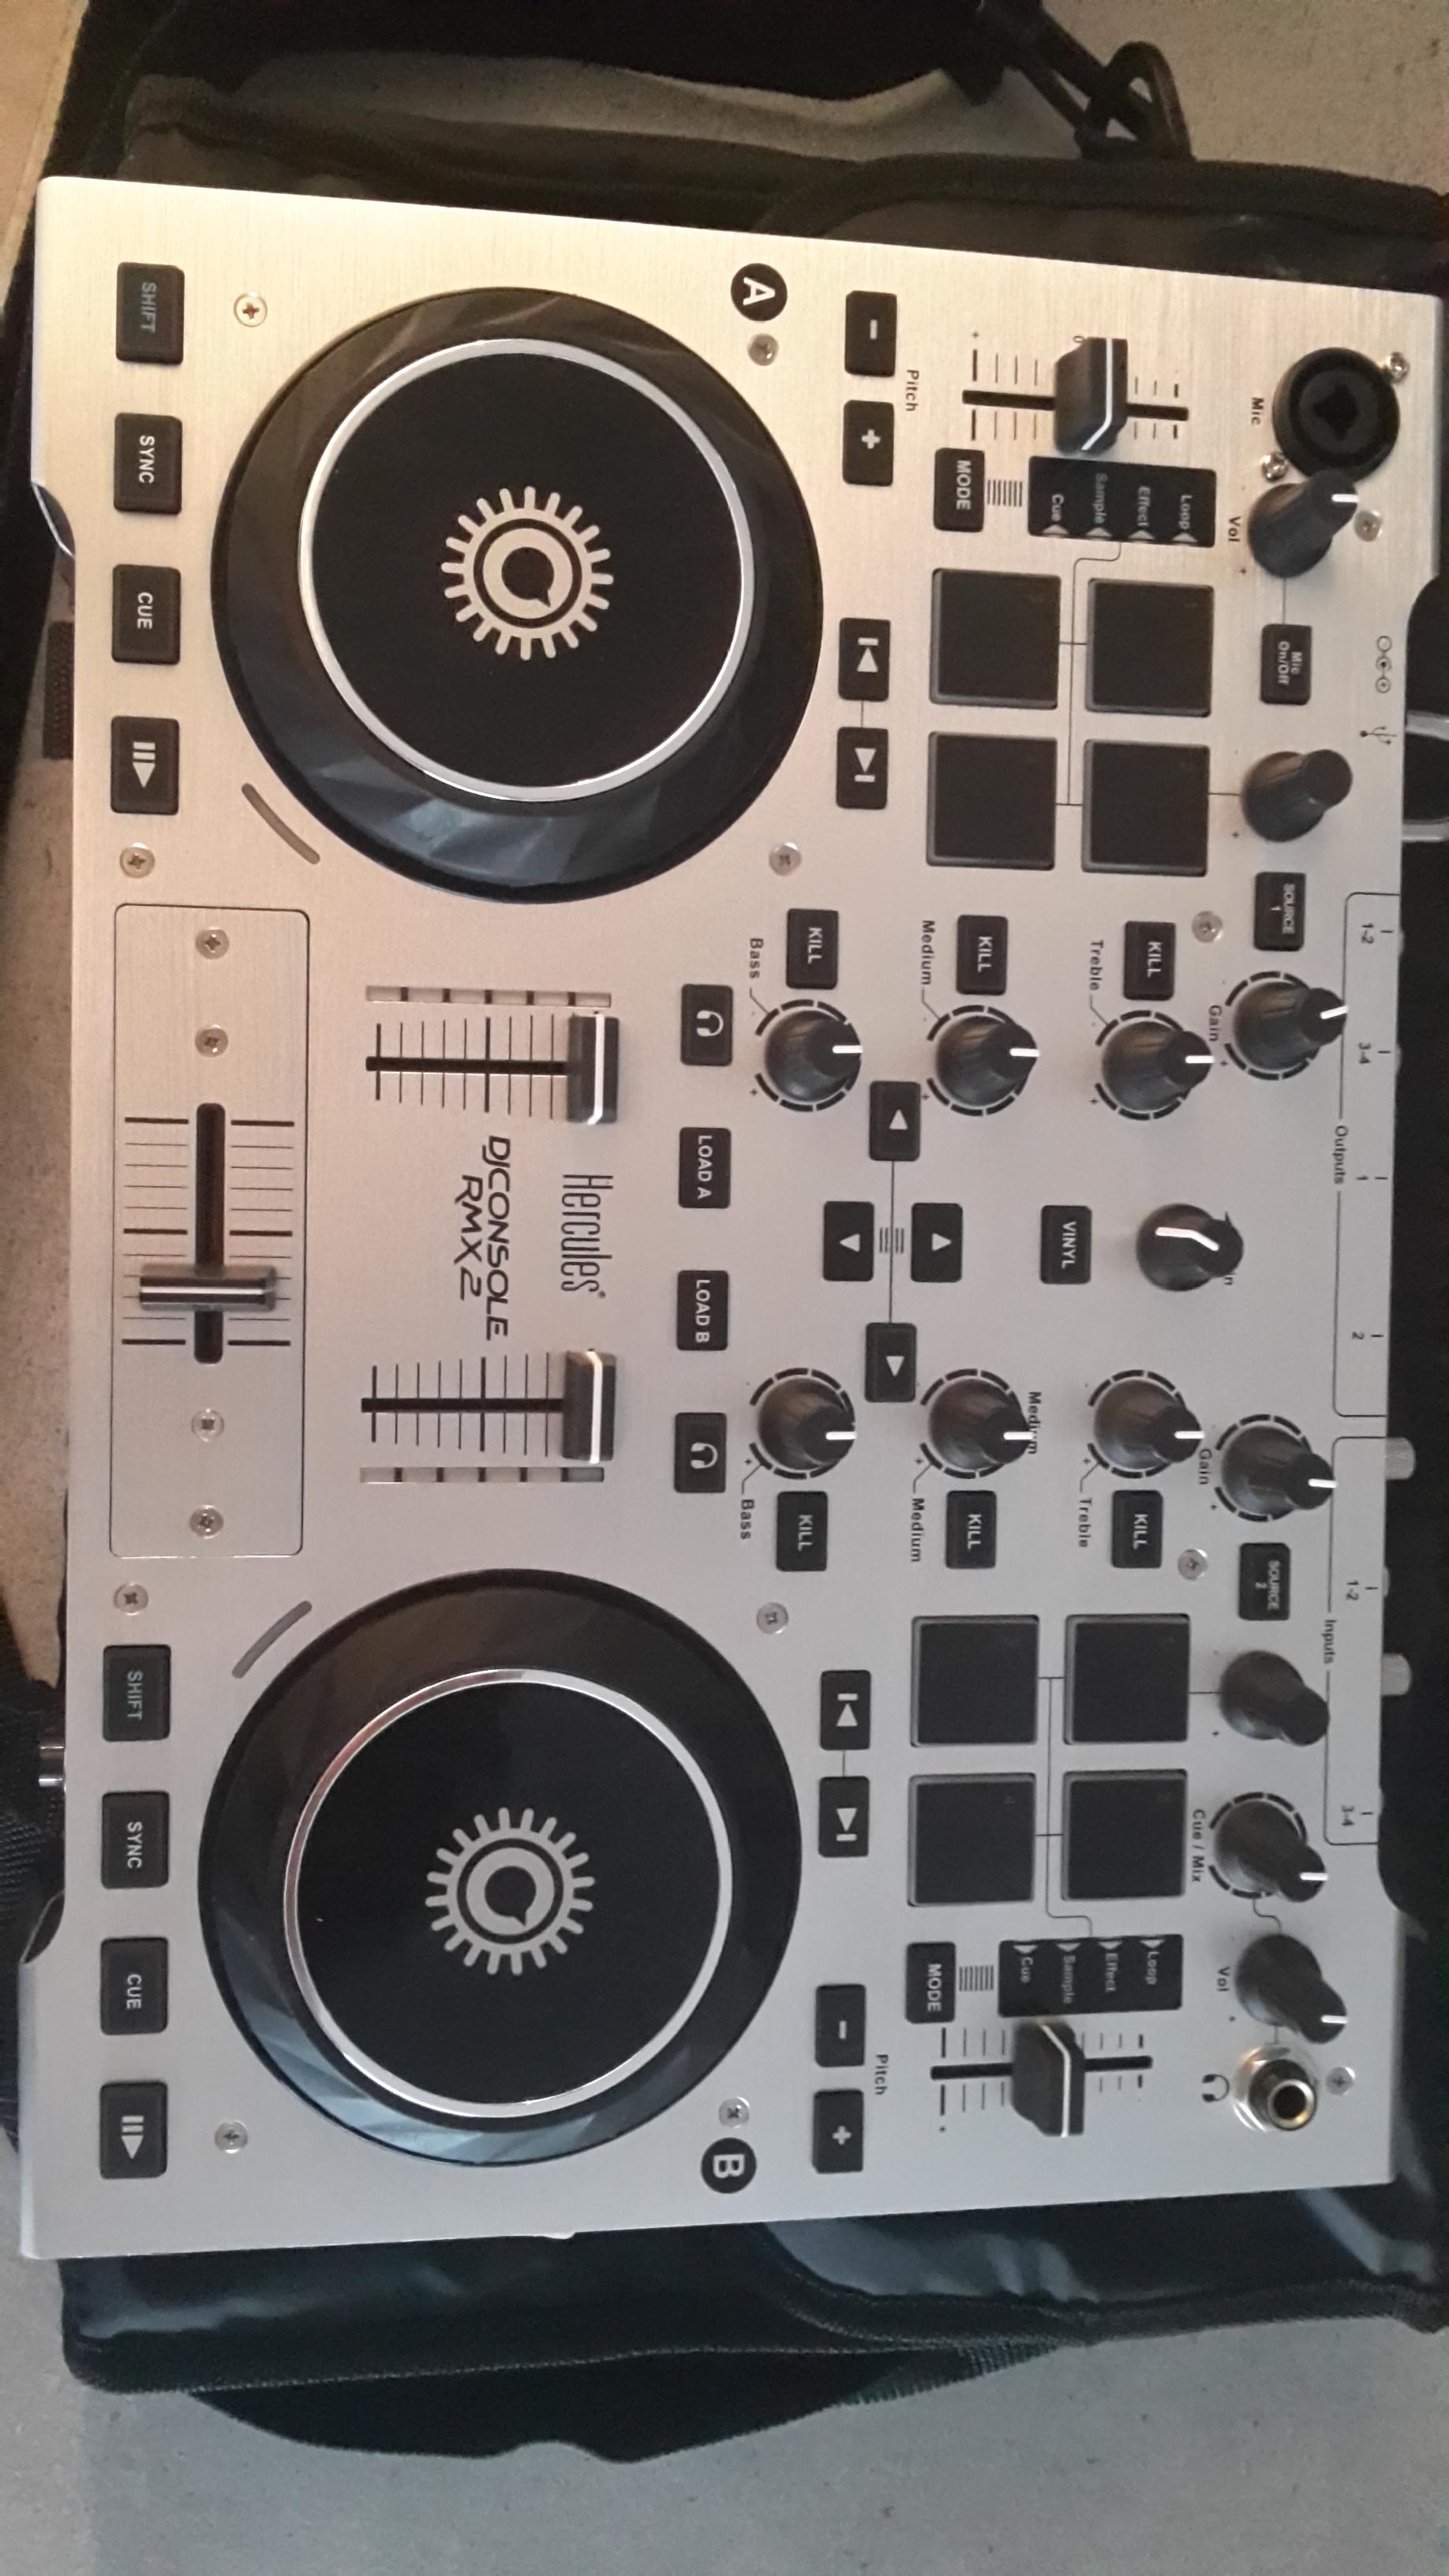 Table mixage hercule - Table de mixage hercules dj control mp3 e2 ...